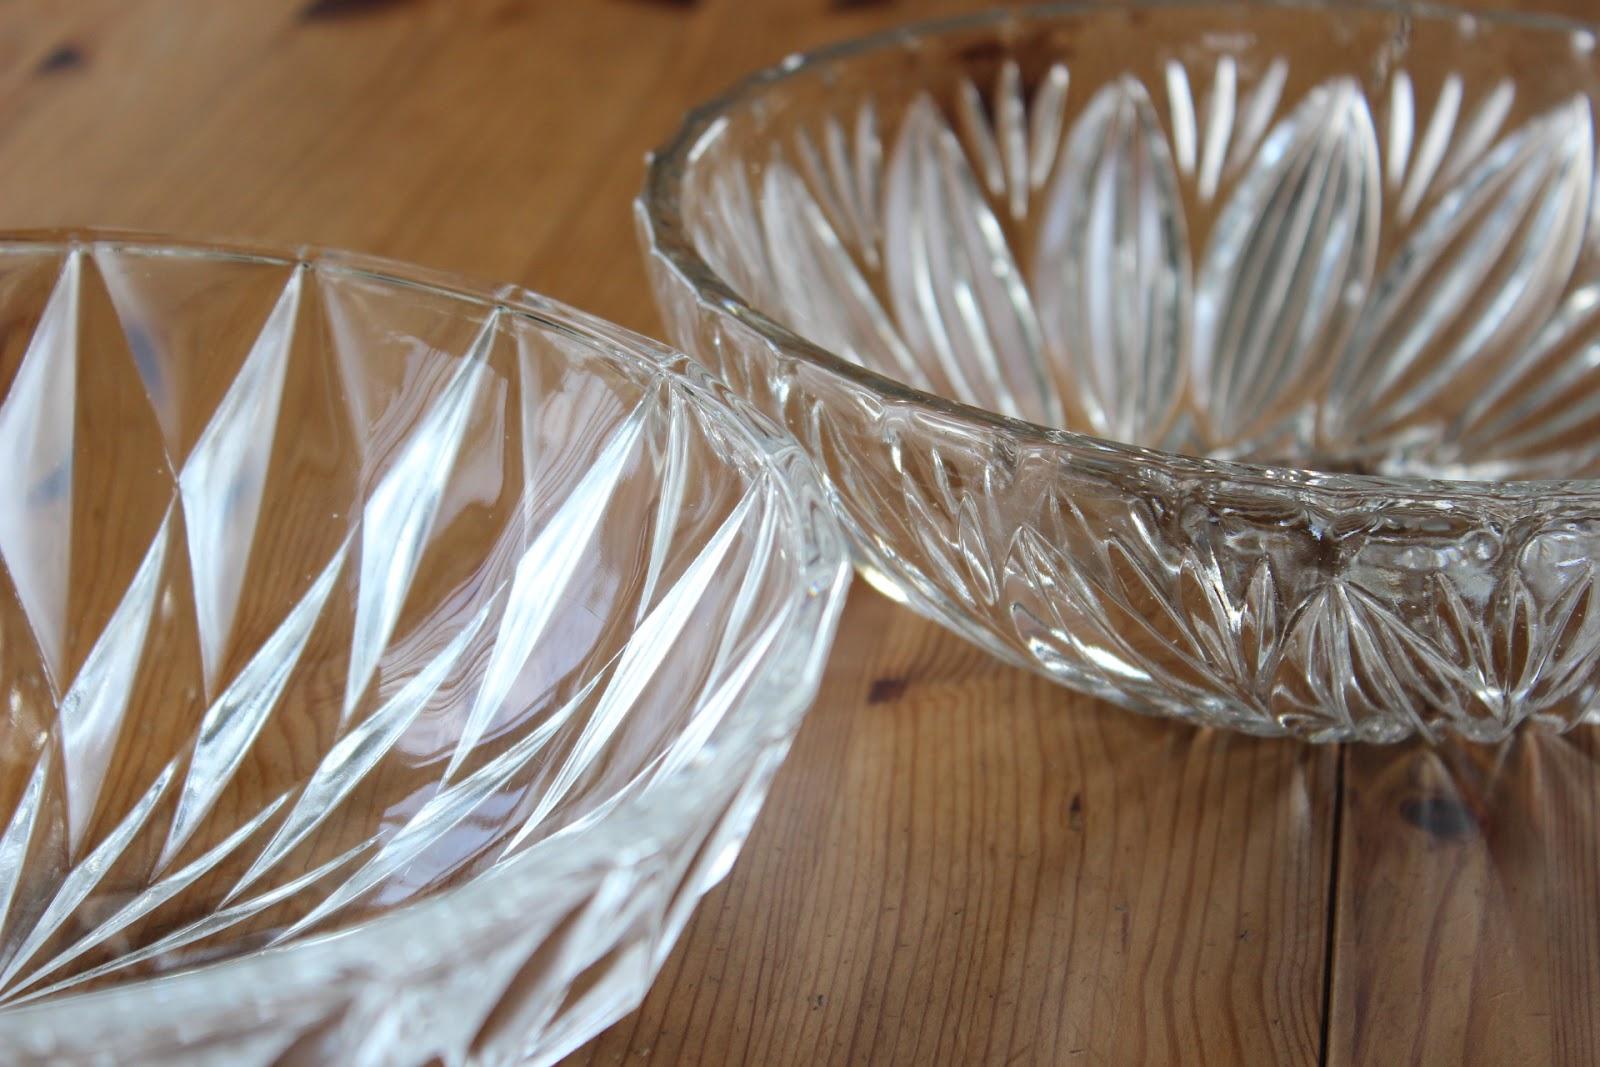 家で過ごす良い時間: ガラスの器